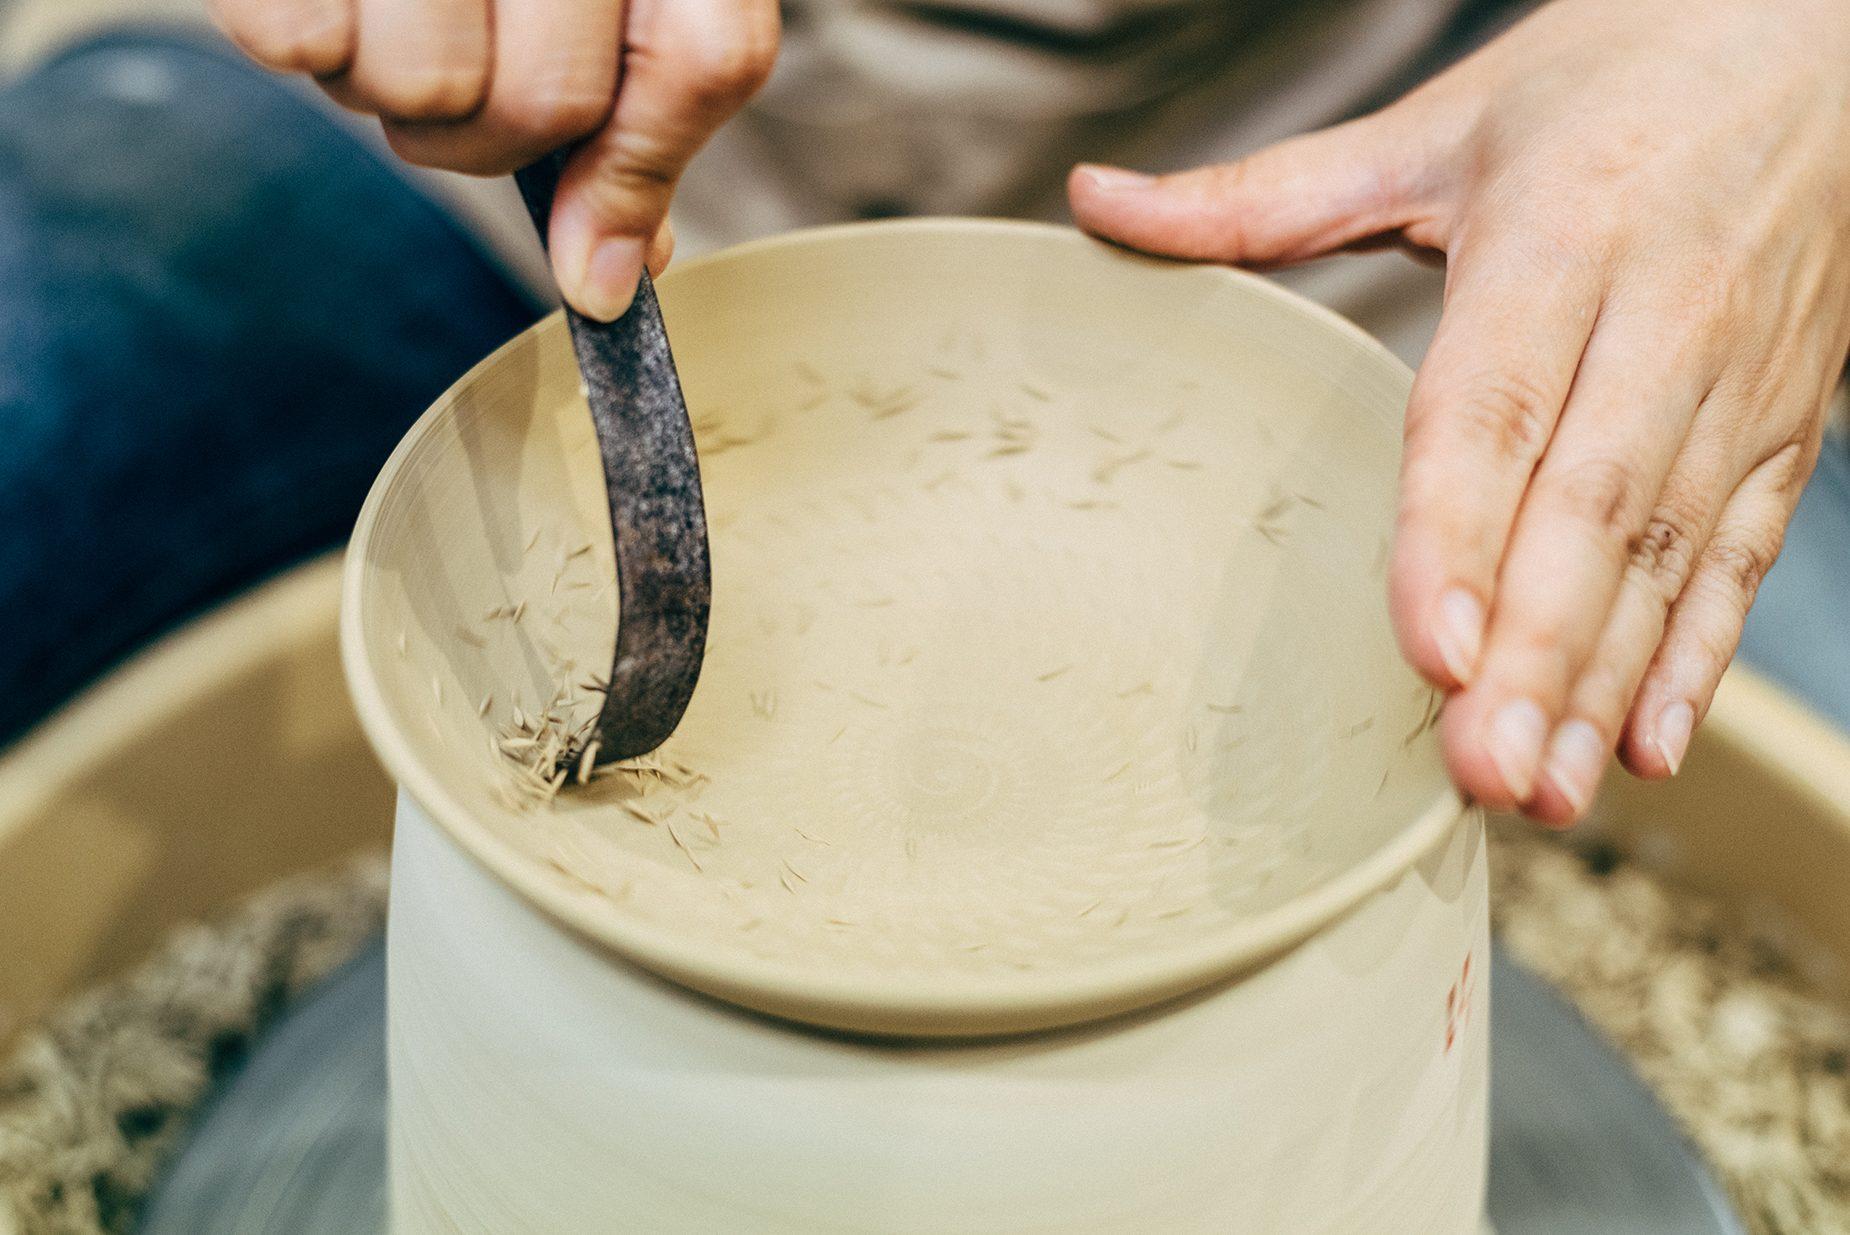 古時計のゼンマイを加工した道具を使い、器に連続した削り目を作る飛鉋という技法。道具は亡くなったまどかさんのお父さんのお手製で、これが一番使いやすいという。